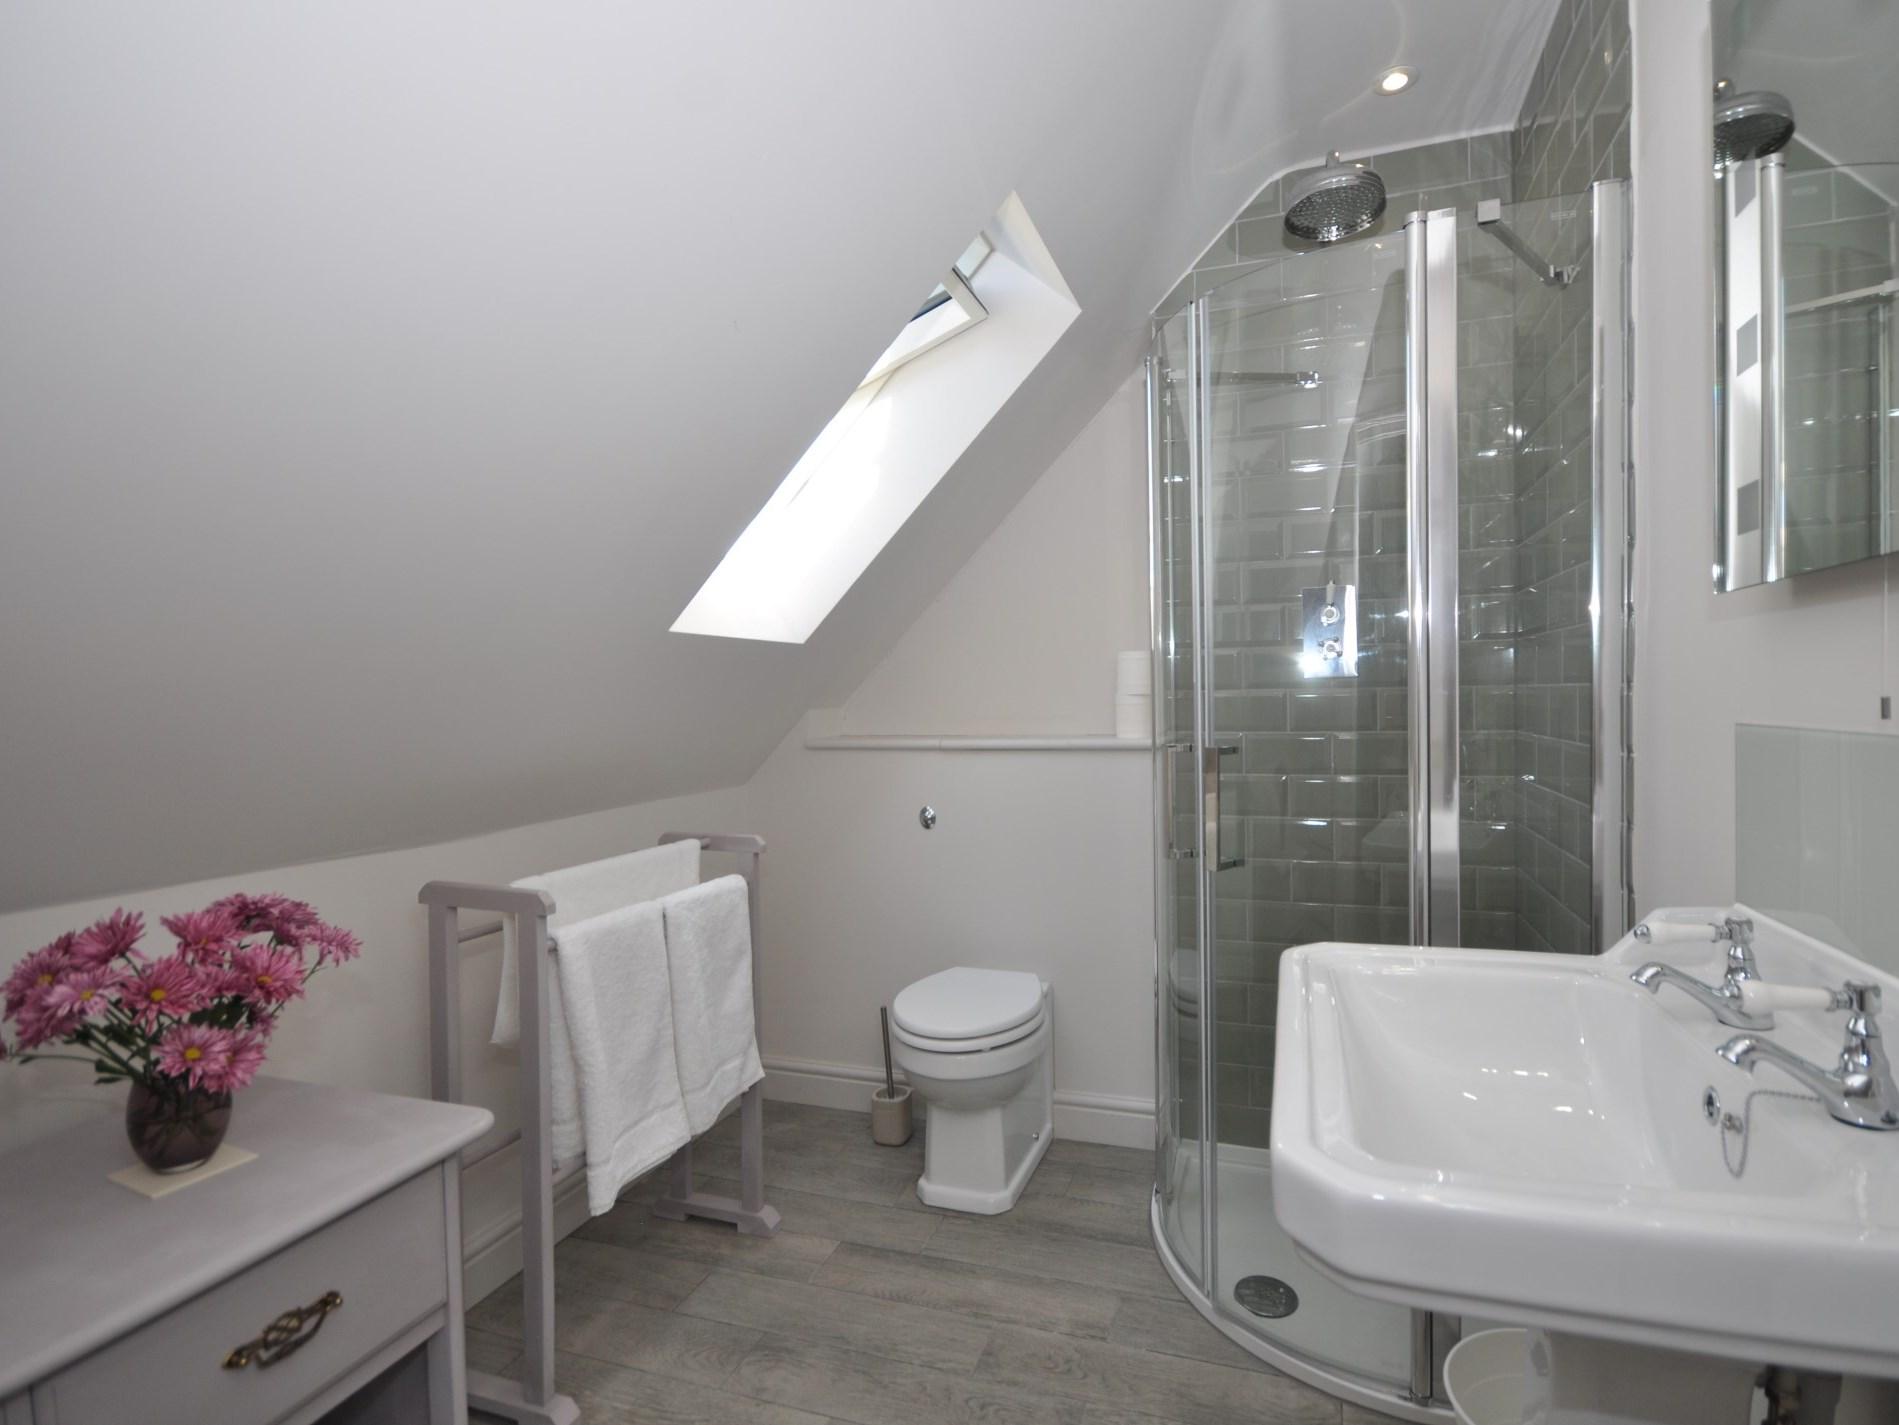 The en-suite shower room